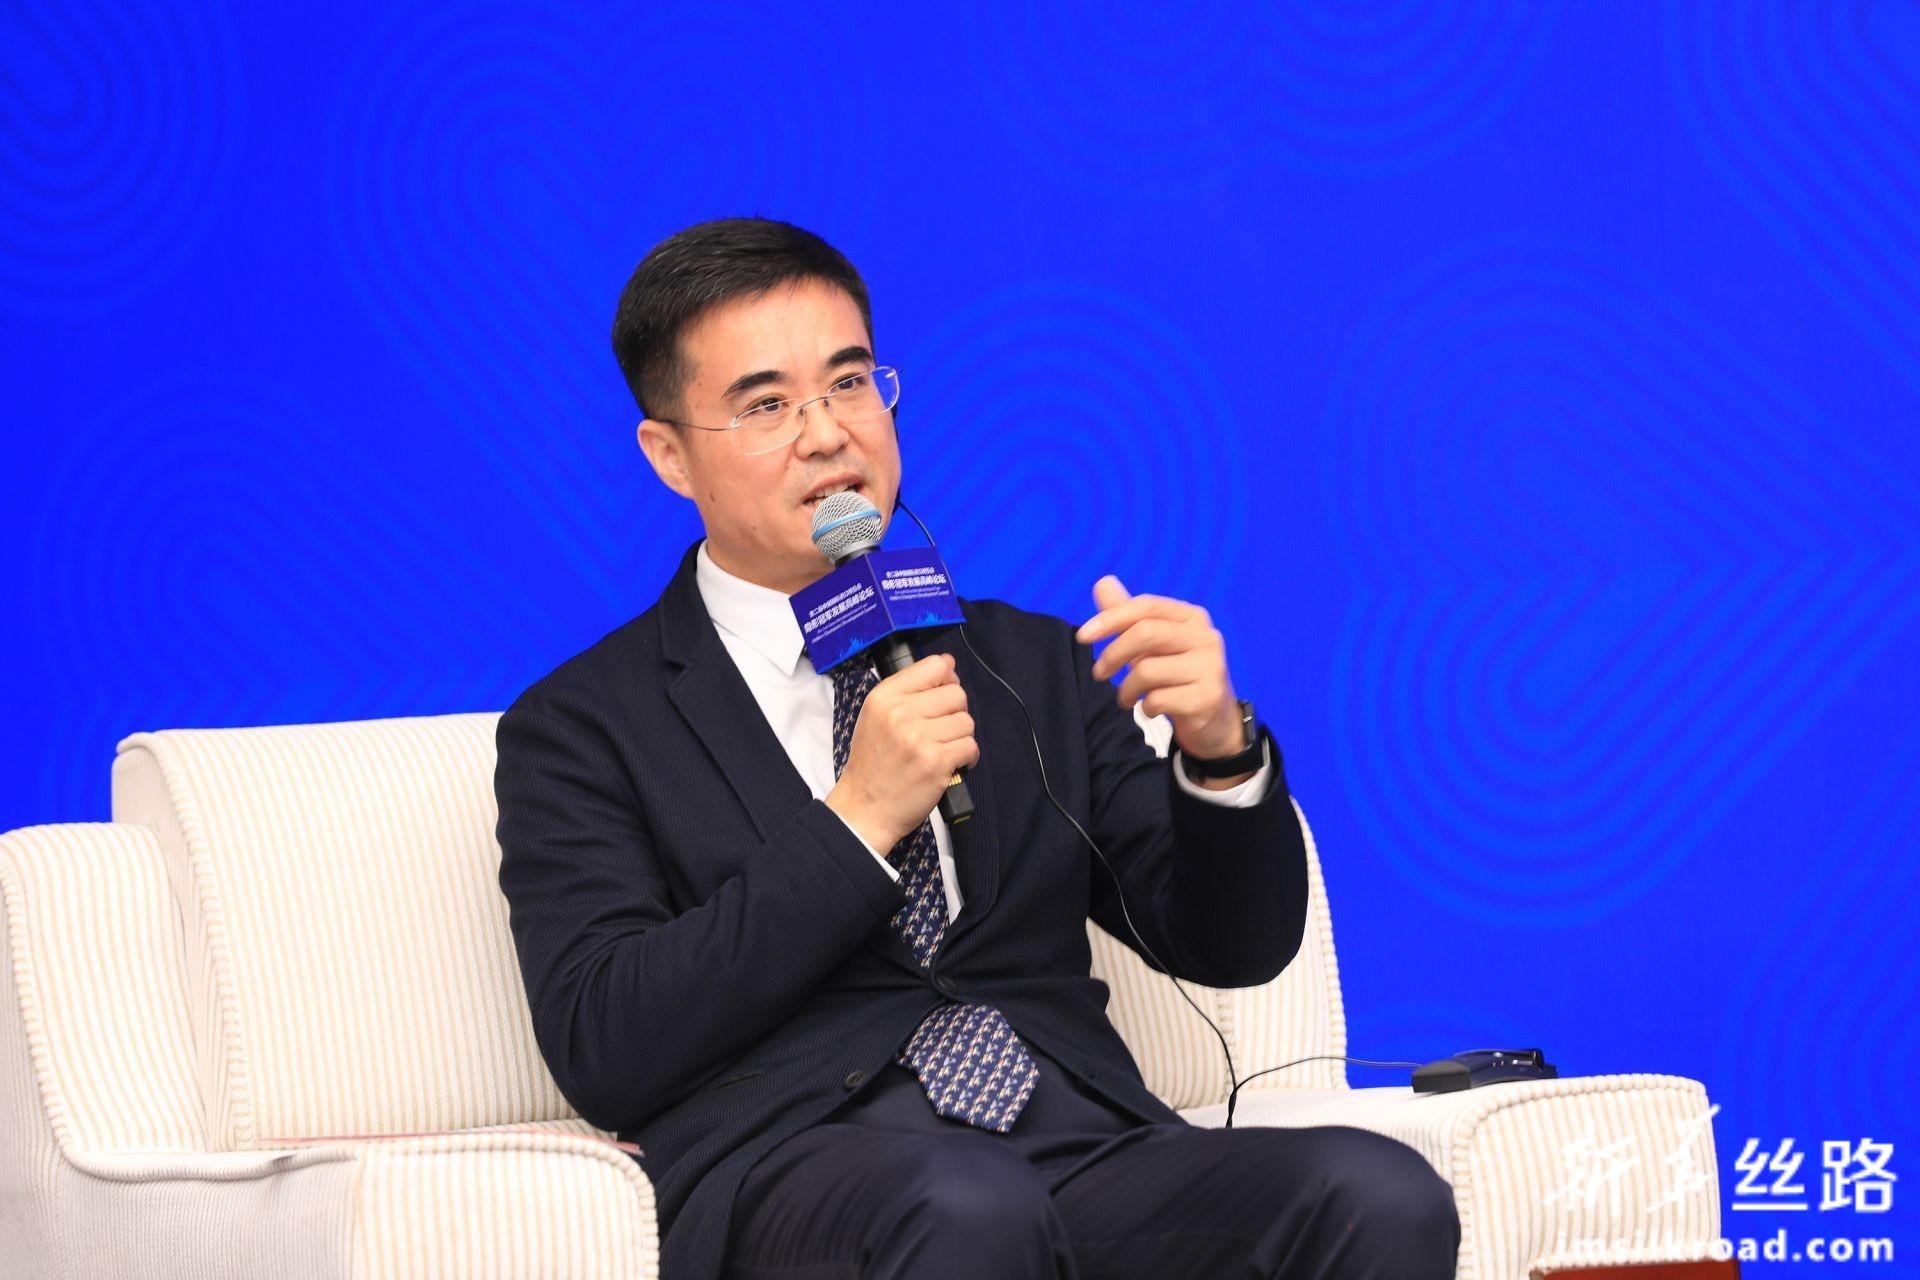 国家市场监管总局发展研究中心副主任姚雷先生主持高端对话